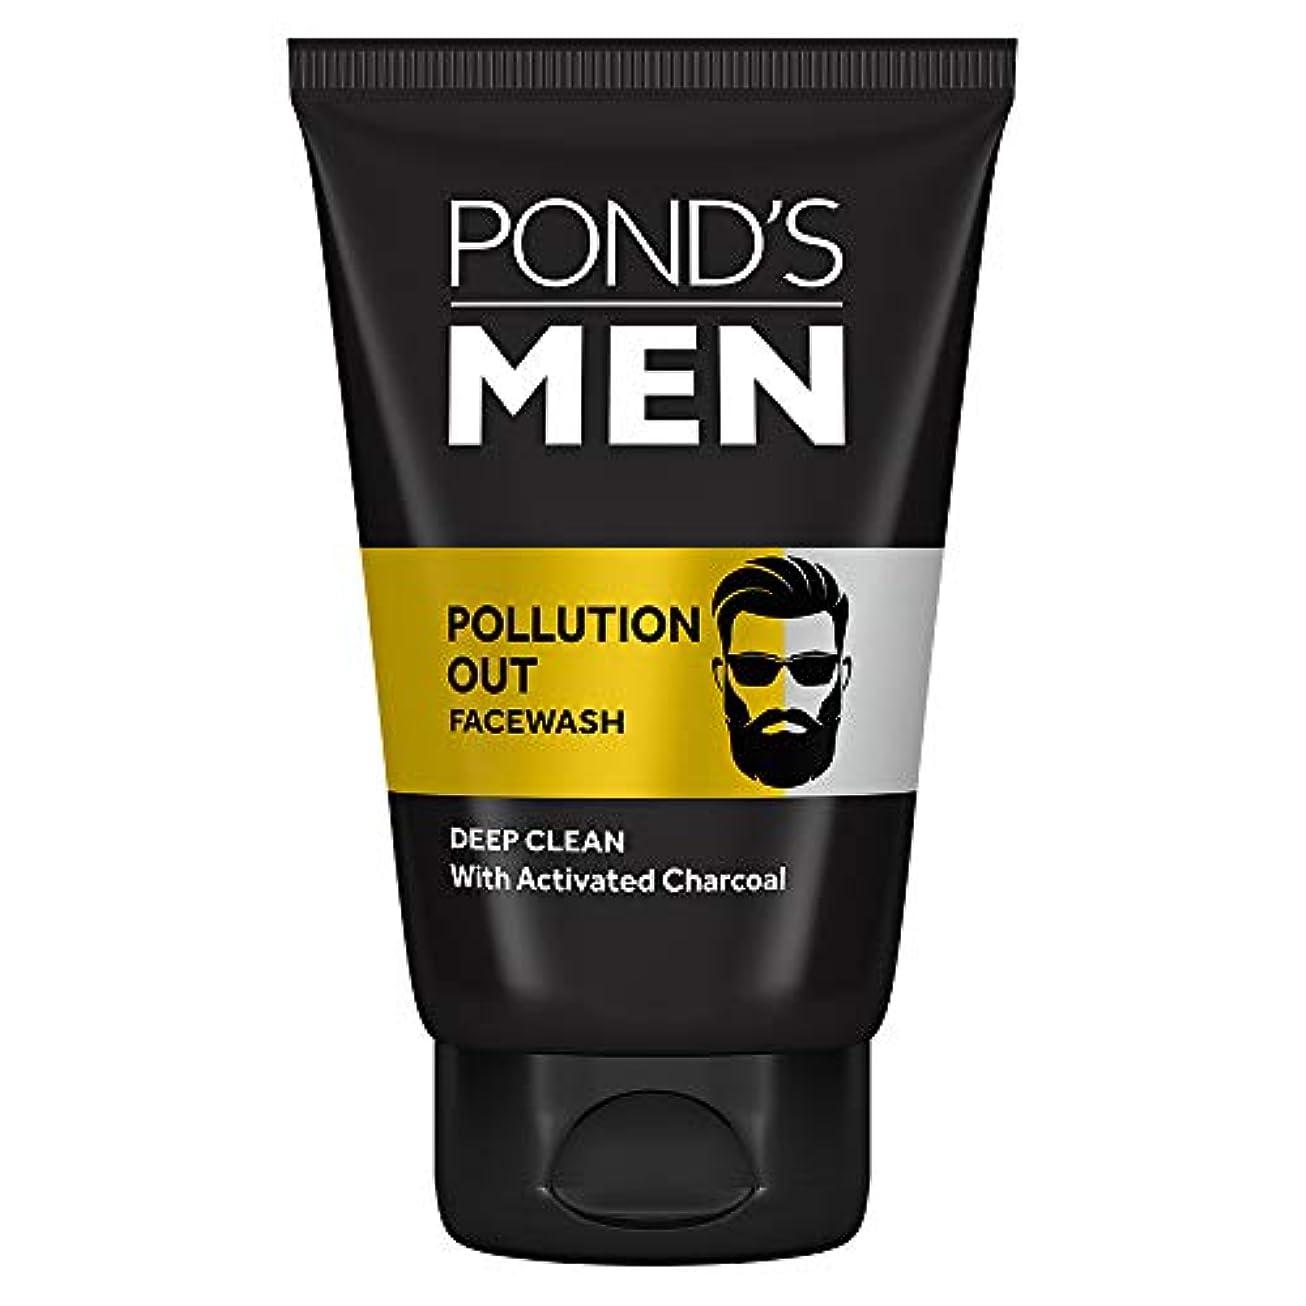 妊娠した横覚醒Pond's Men Pollution Out Face Wash, Feel Fresh 100gm